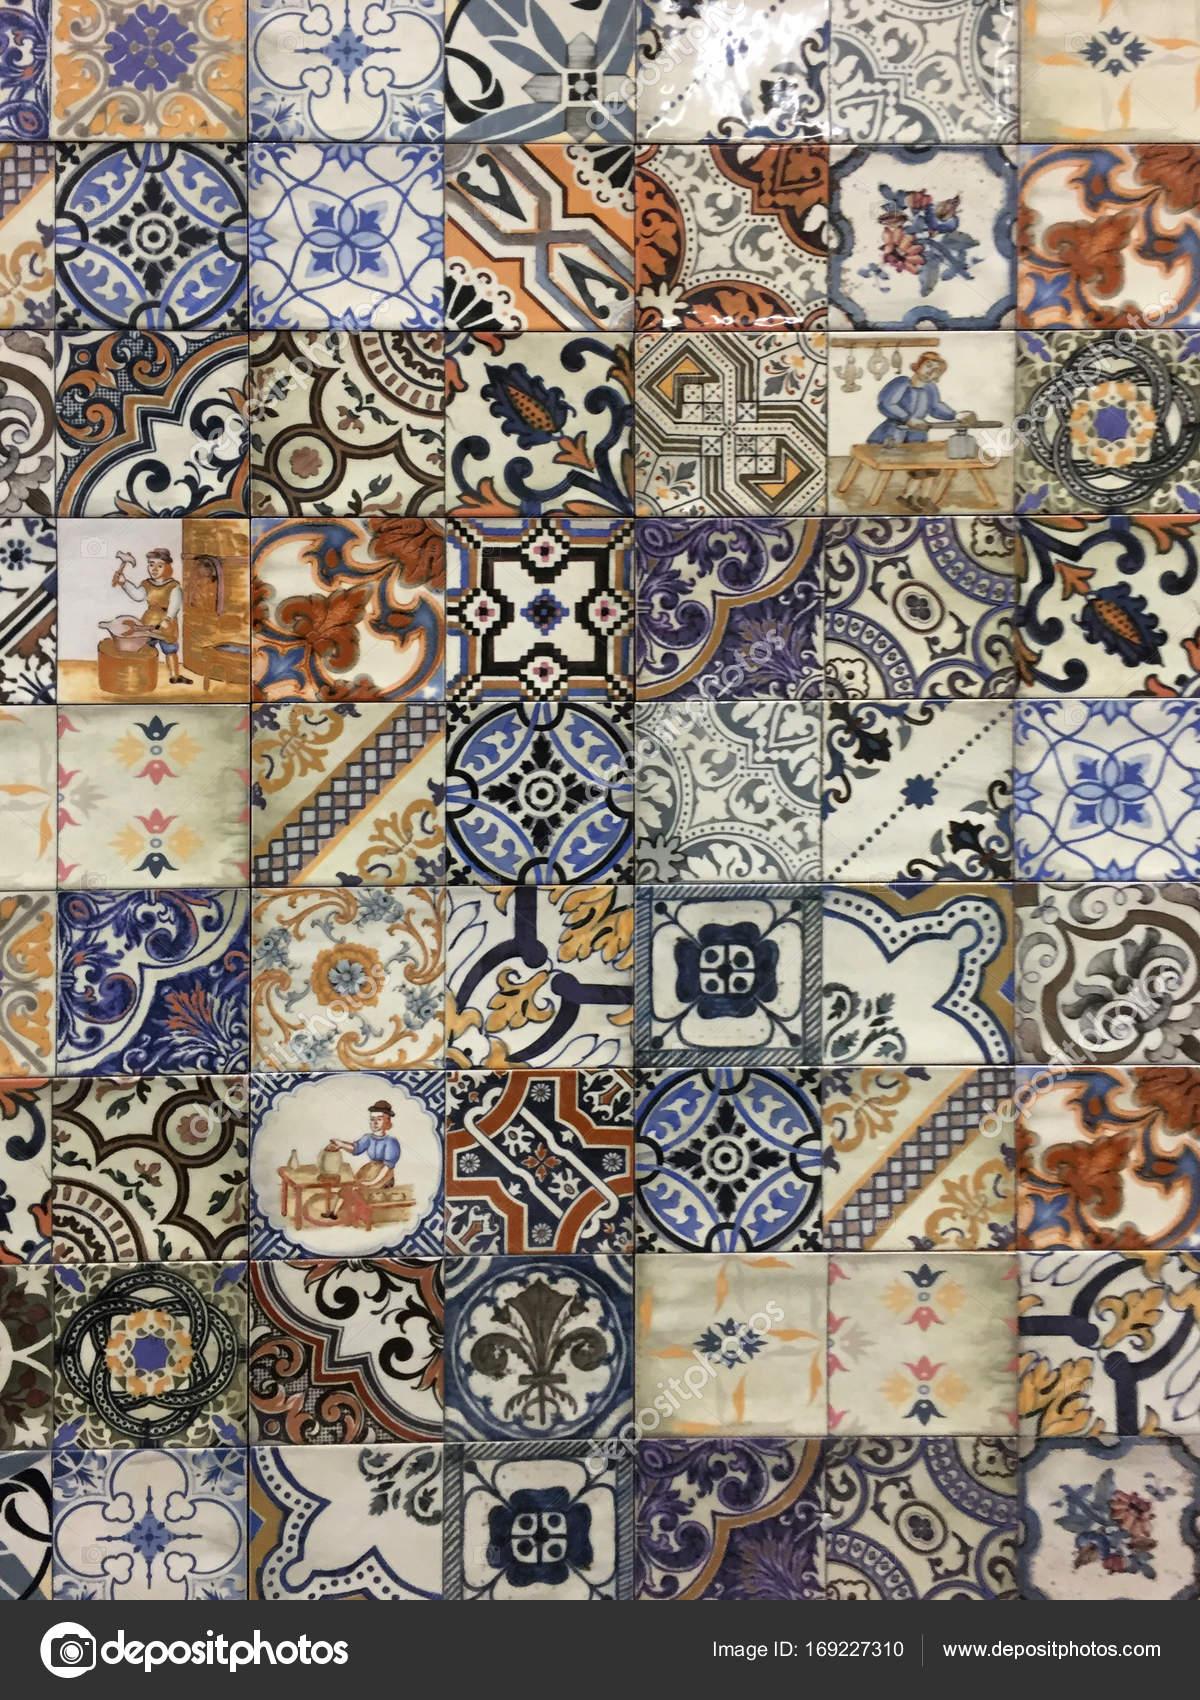 Piastrelle maiolica awesome ceramiche artistiche di liborio palmeri piastrelle fiore assortite - Piastrelle decorative ...